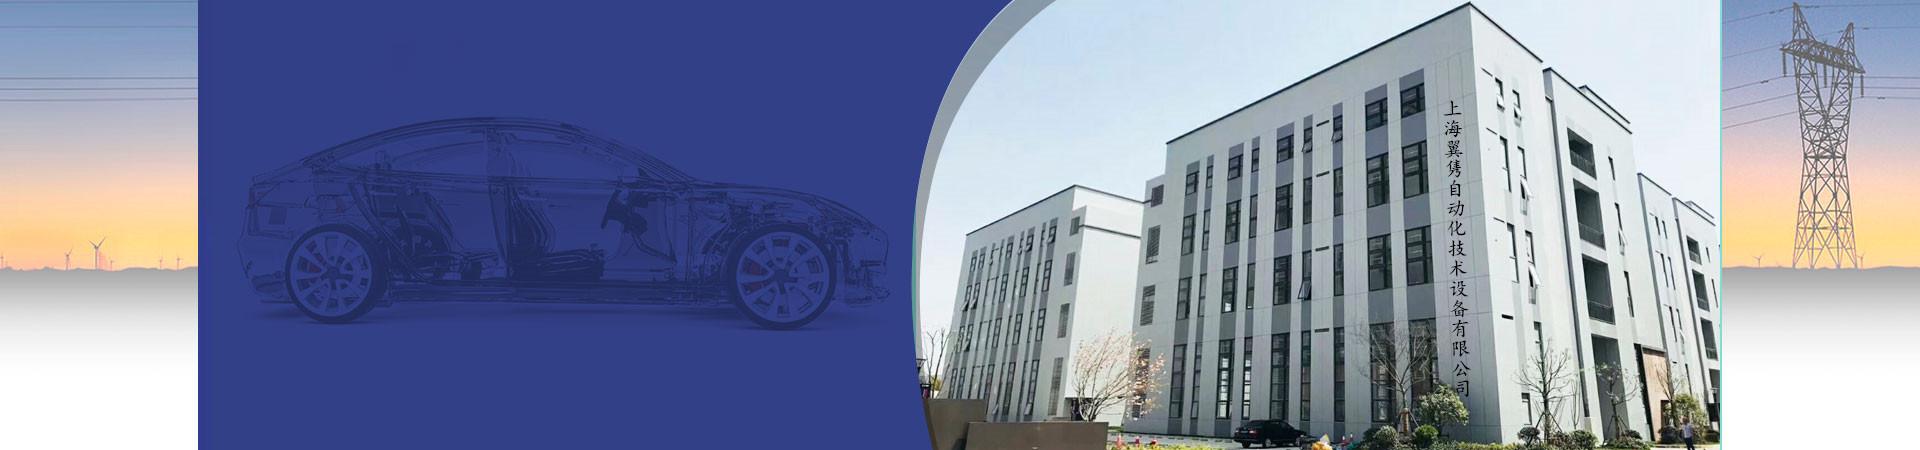 上海AG真人在線遊戲自動化技術設備有限公司